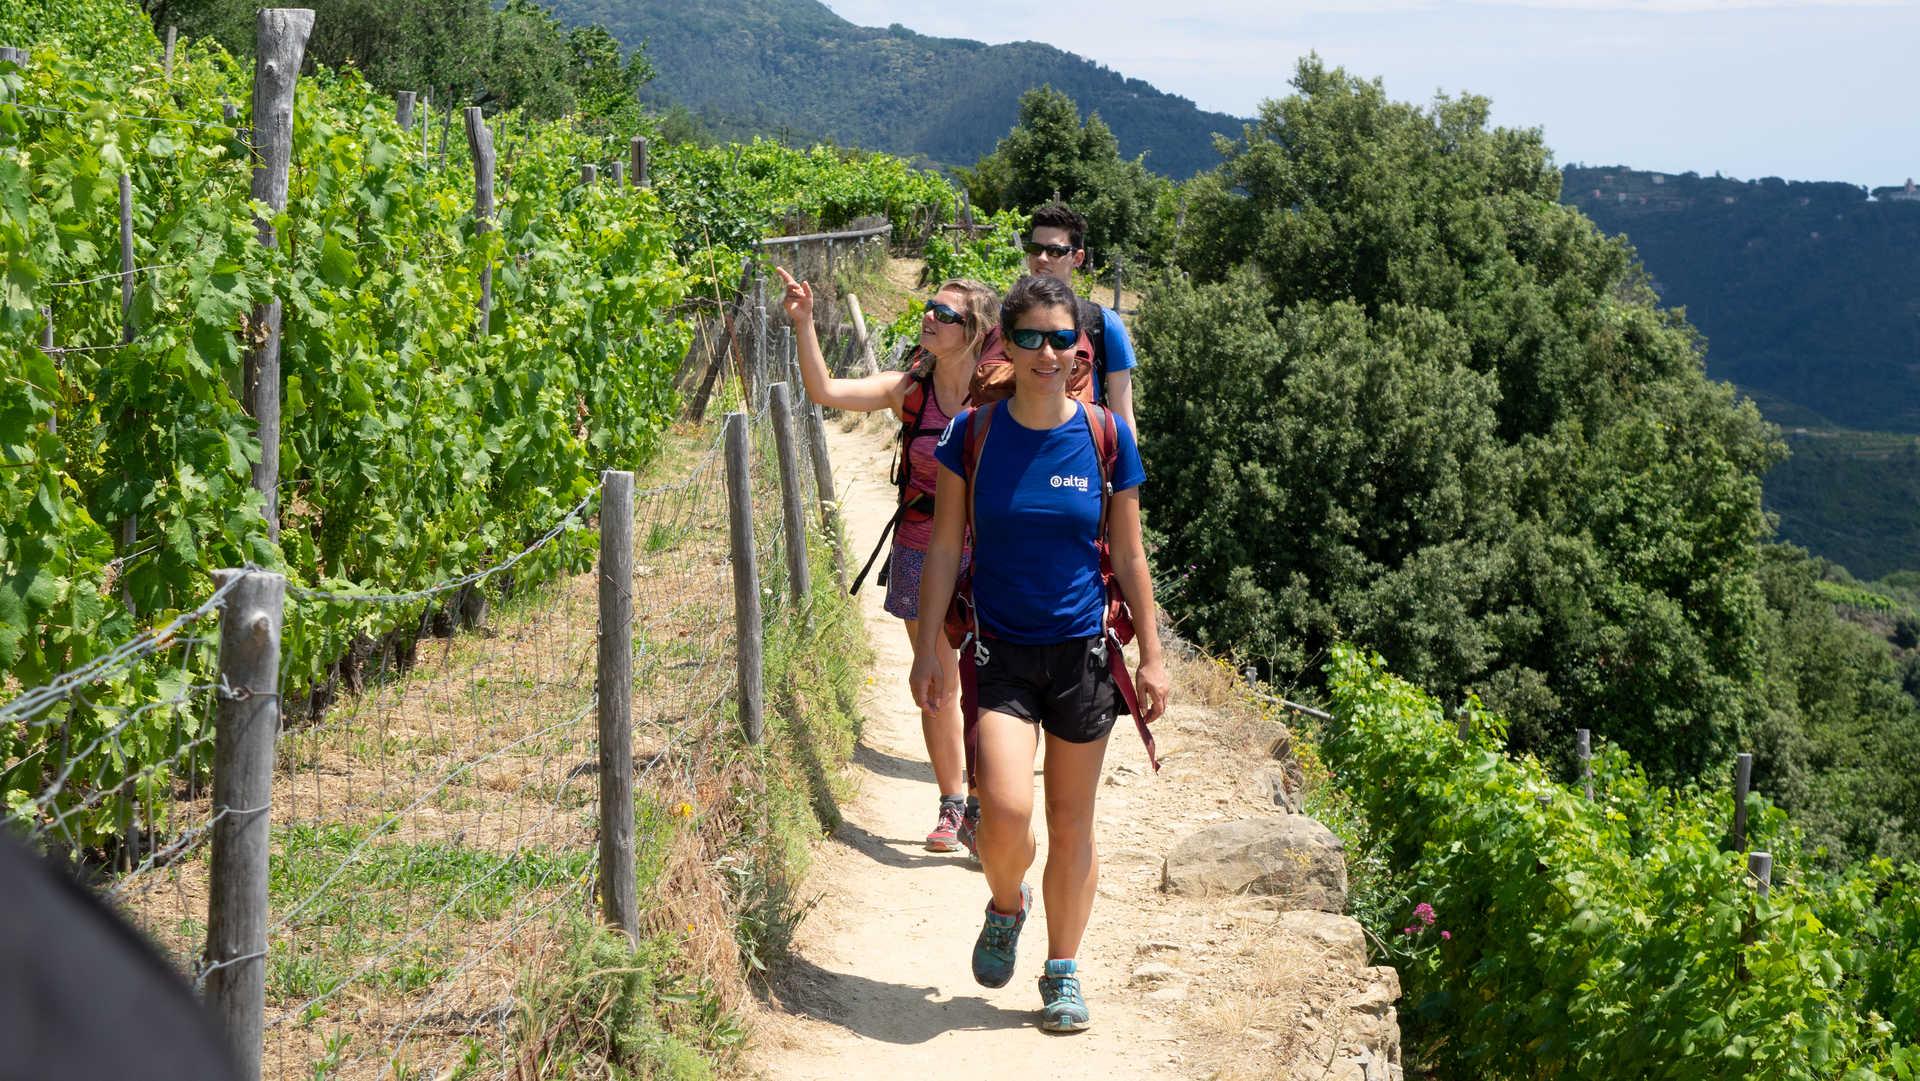 Randonneurs et guide sur un sentier des Cinque Terre